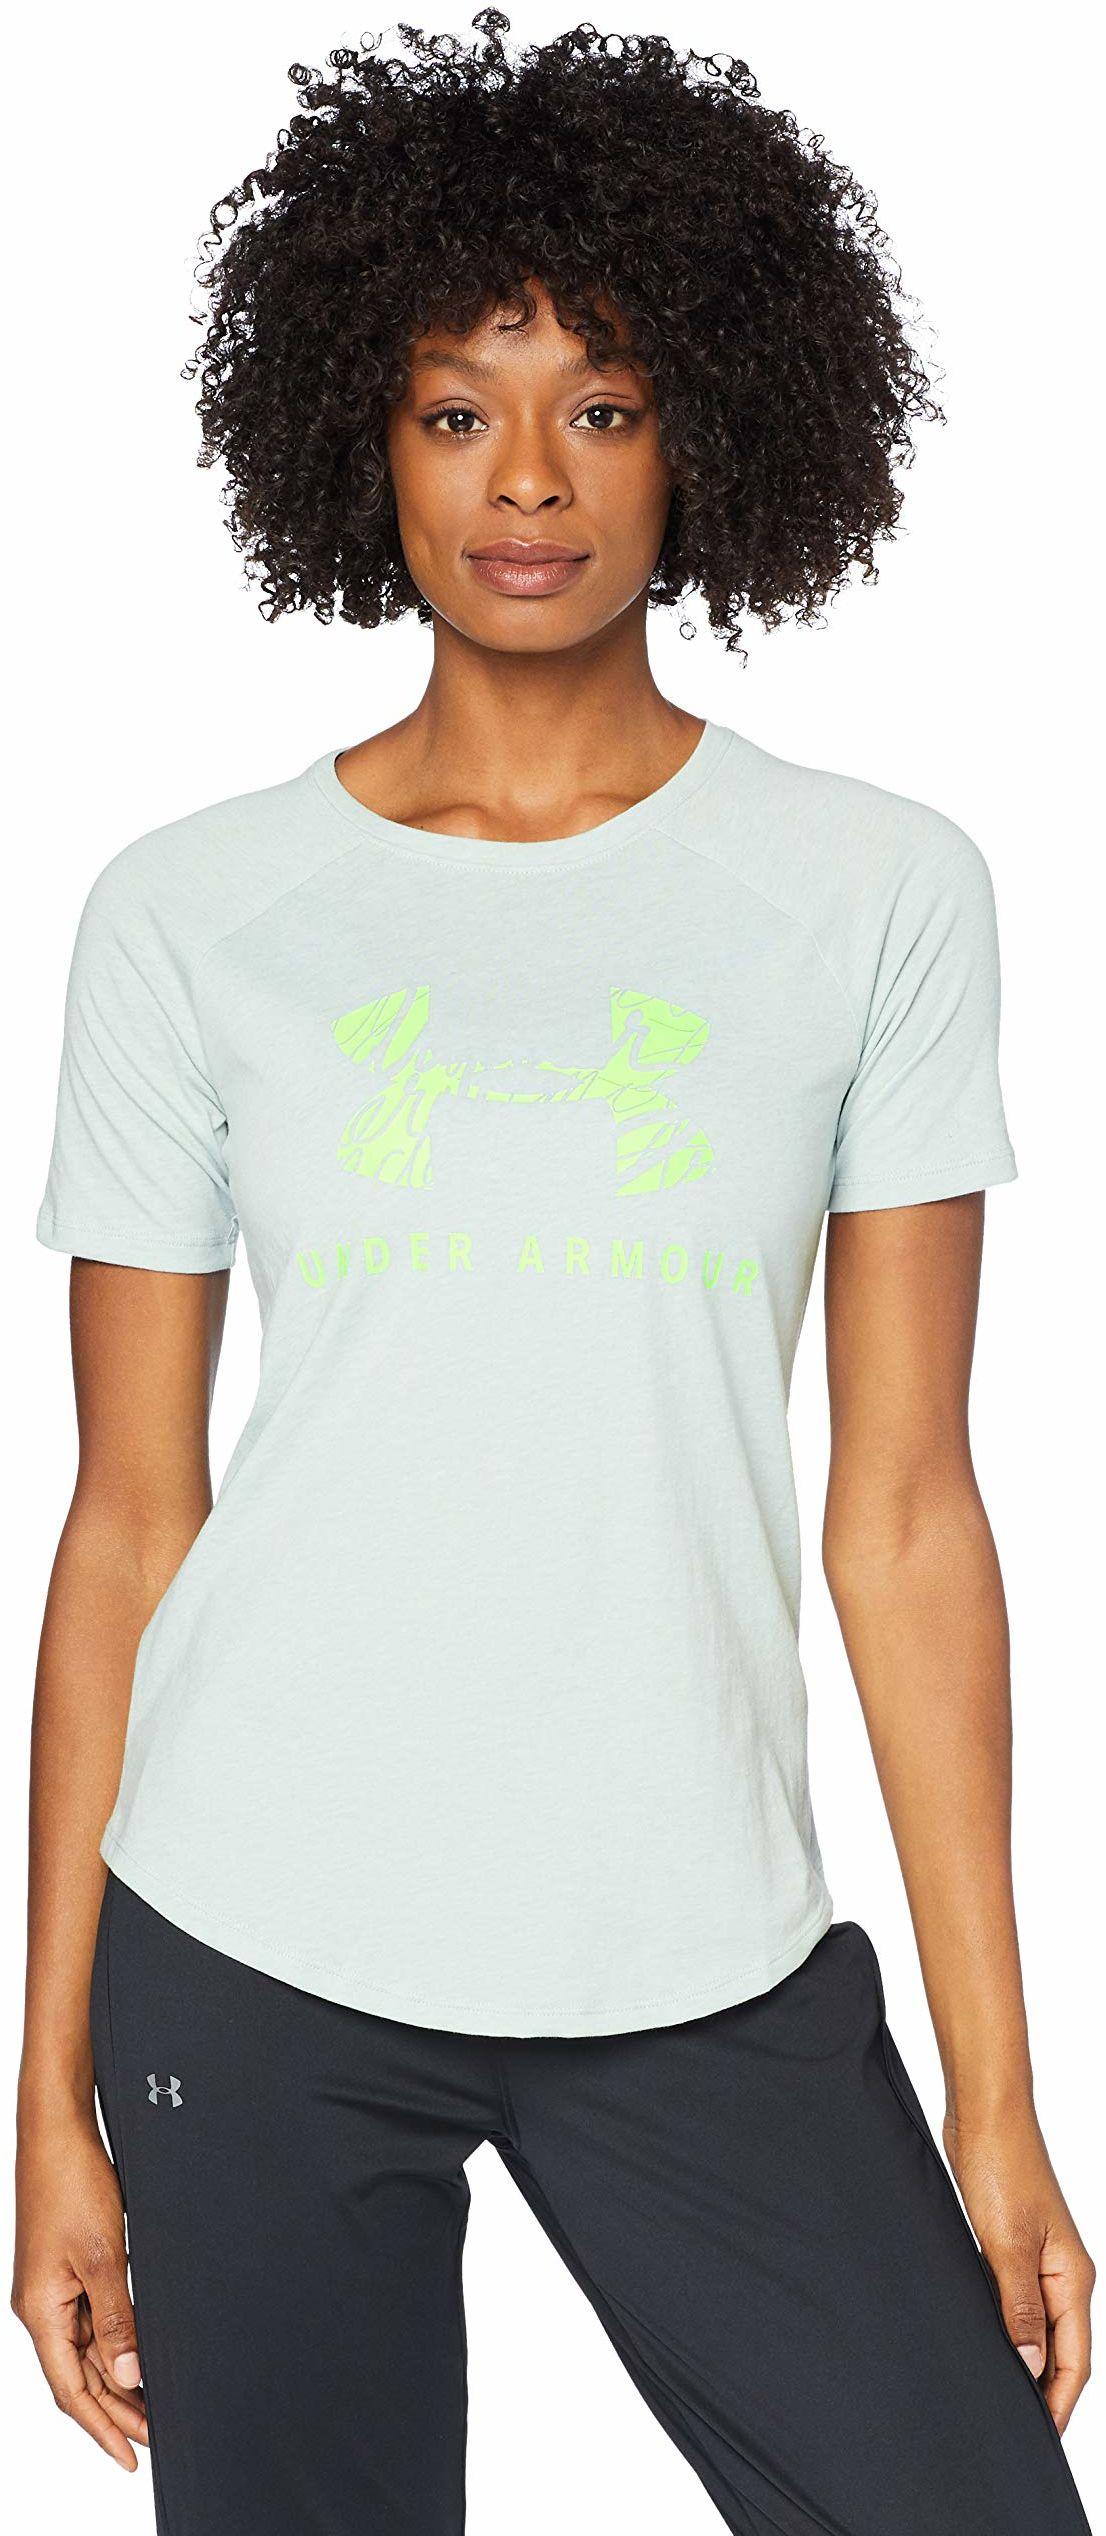 Under Armour zestaw damski dopasowany do piłki baseballowej koszulka graficzna koszulka z krótkim rękawem Atlas Green Light Heather/Lime Light/Lime Light (190) S